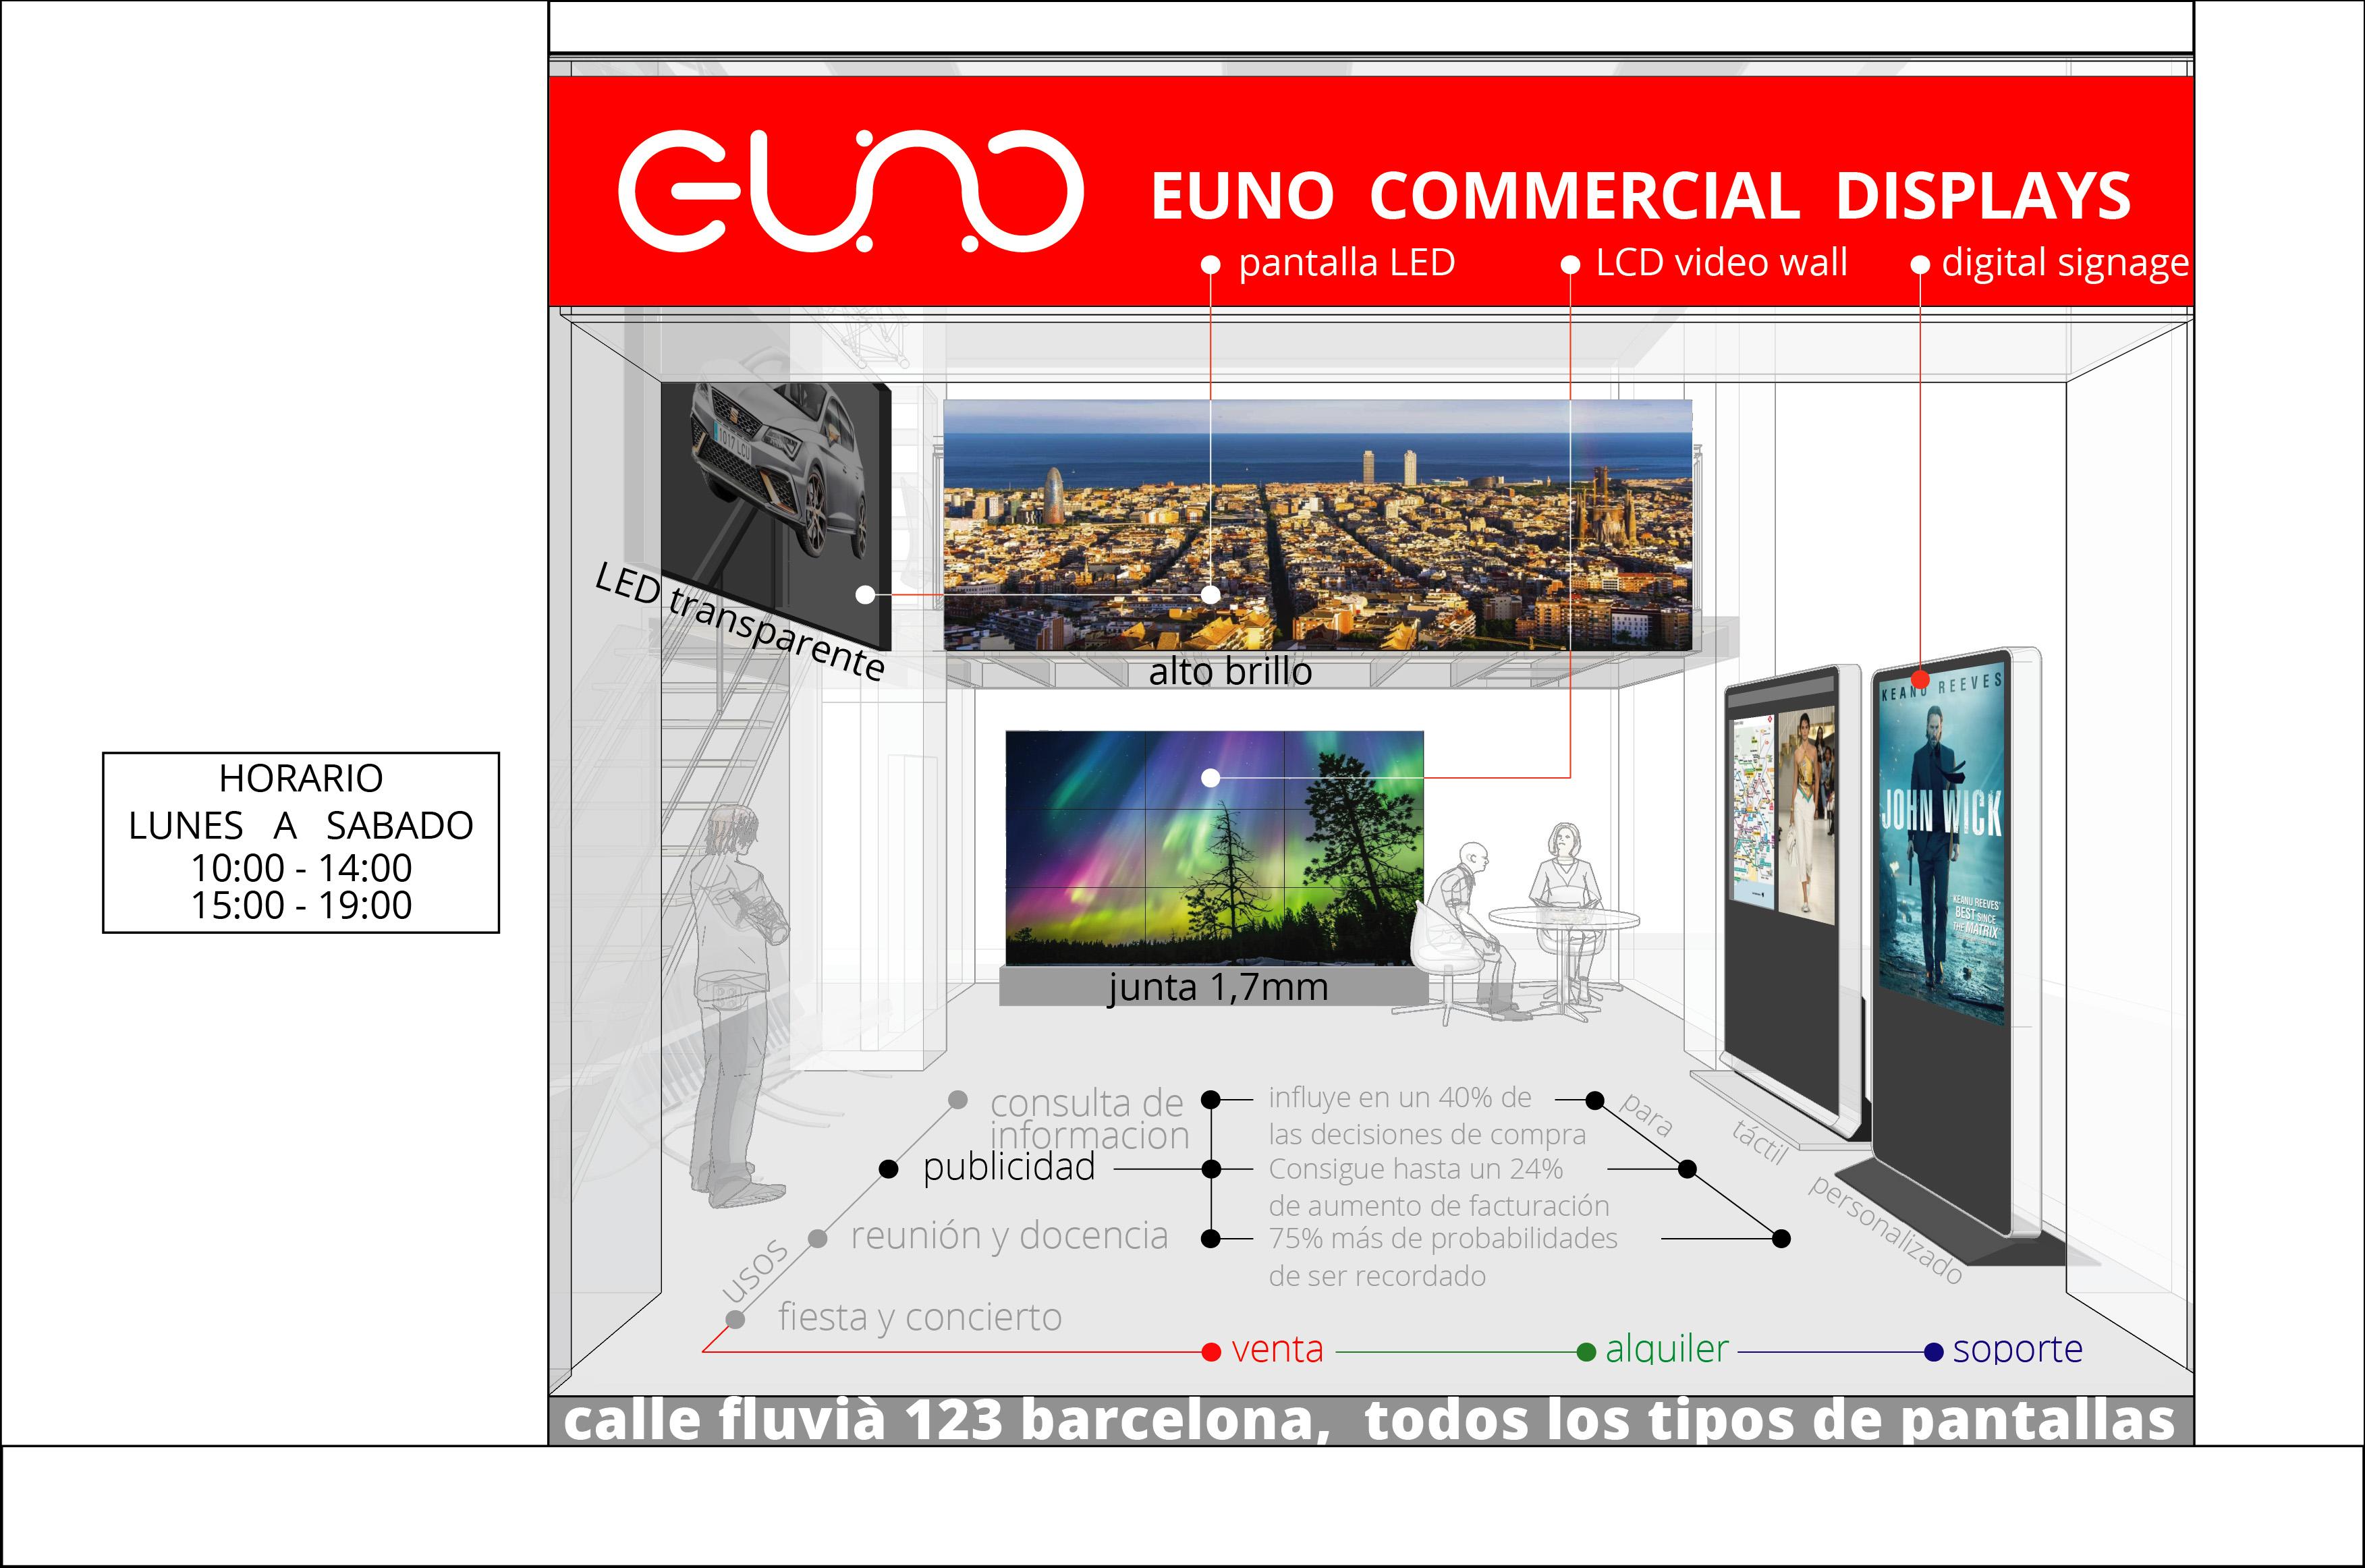 EUNO专业广告屏幕生产厂商